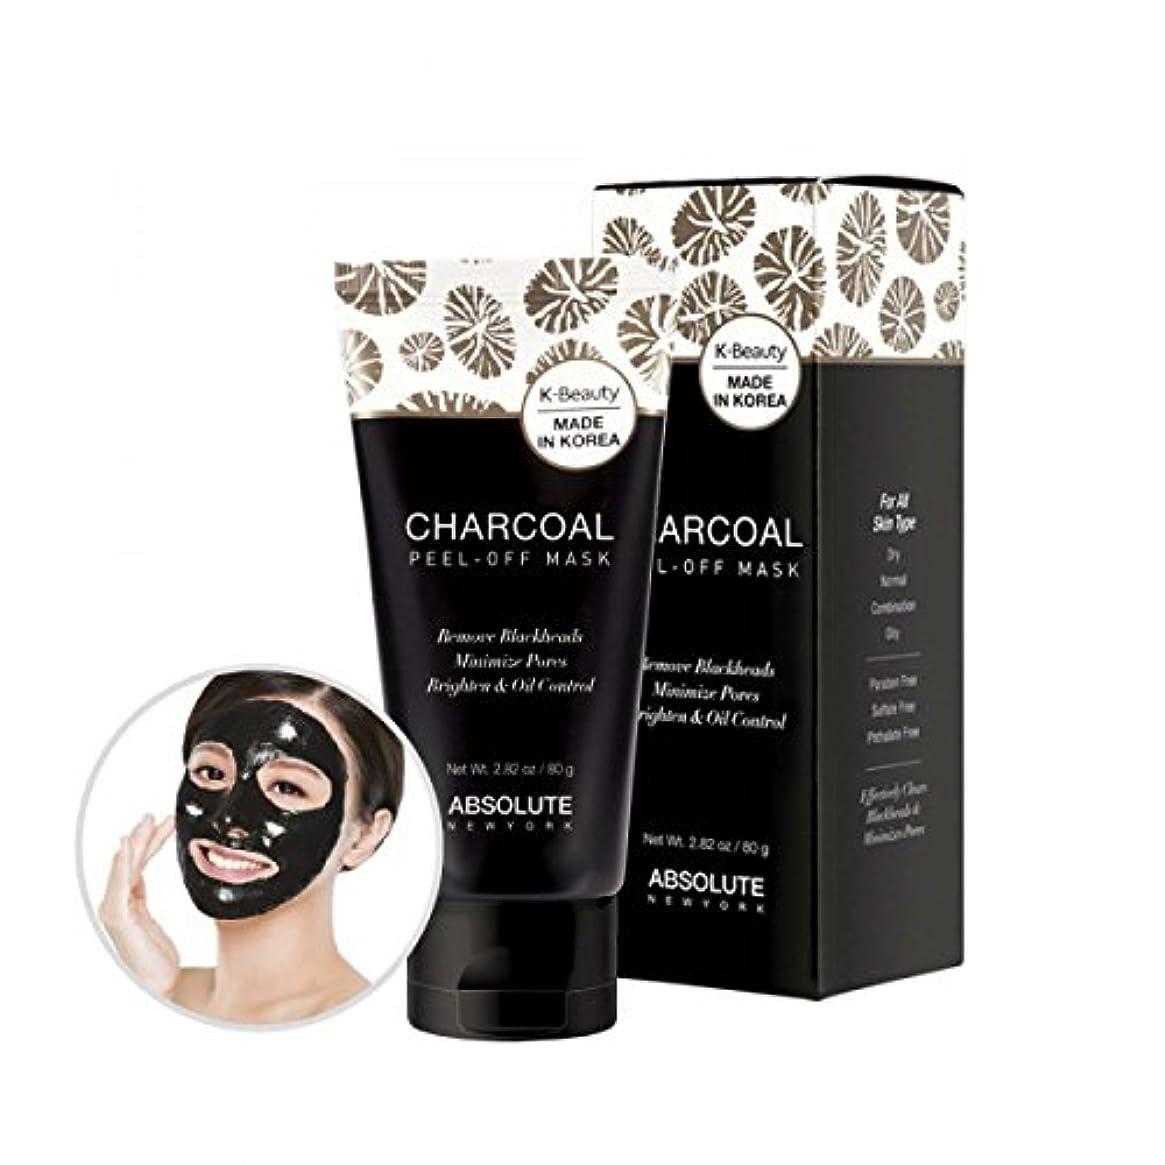 必要アイザック信者(3 Pack) ABSOLUTE Charcoal Peel-Off Mask (並行輸入品)